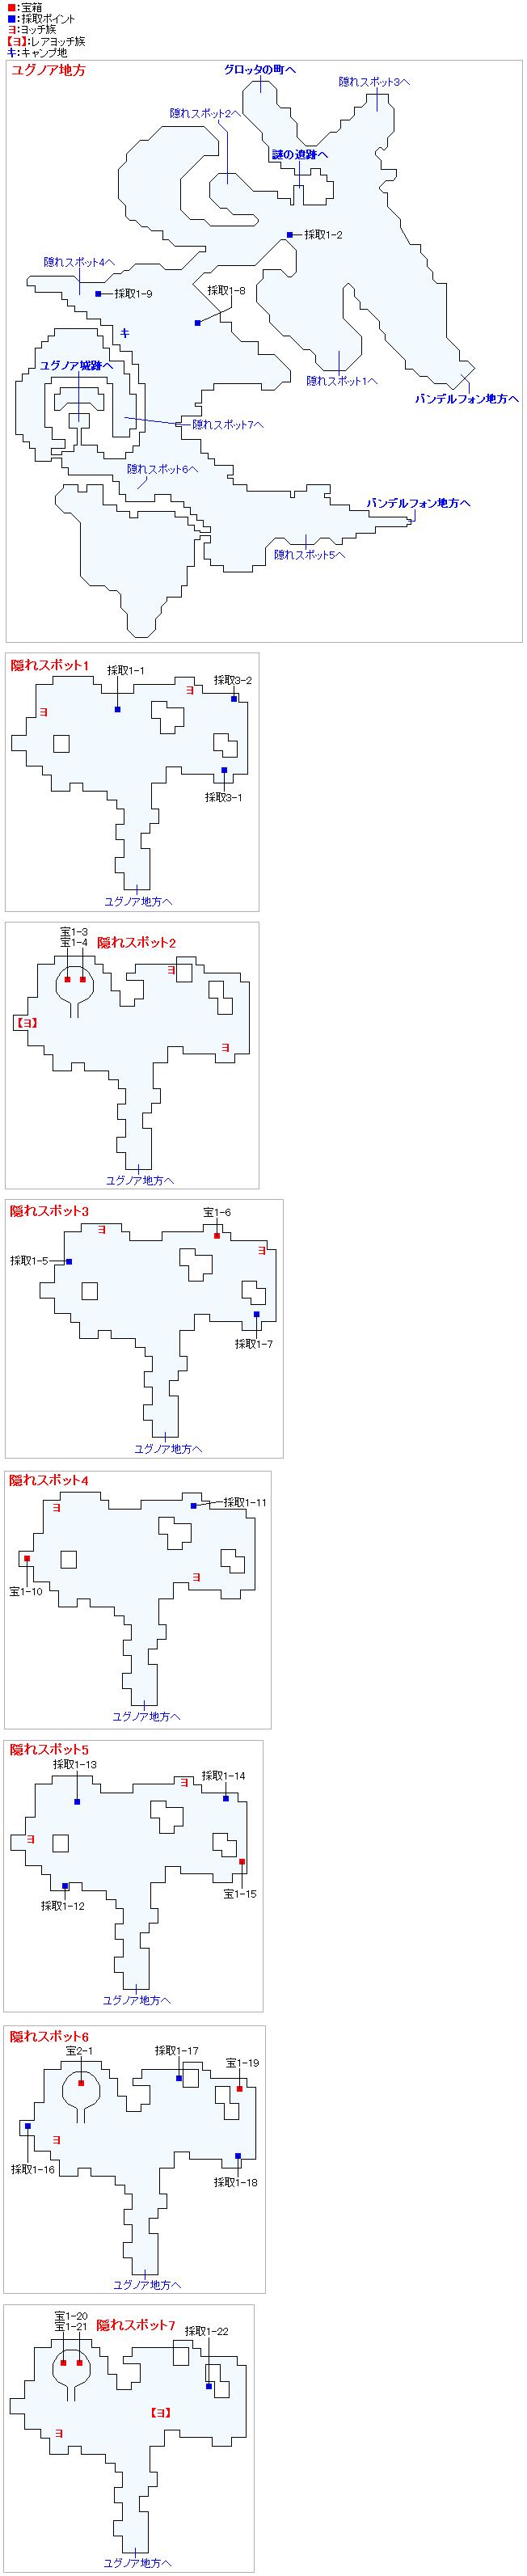 ユグノア地方(2Dモード)のマップ画像